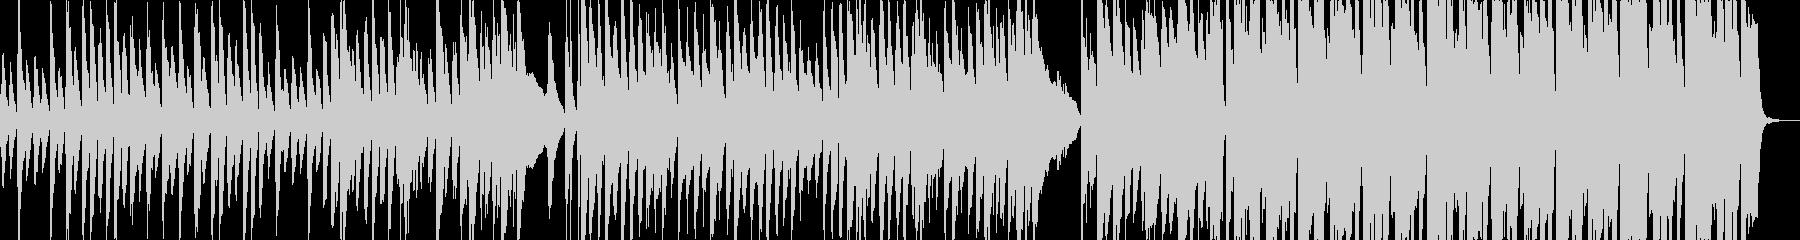 さわやかで日常的なピアノポップの未再生の波形